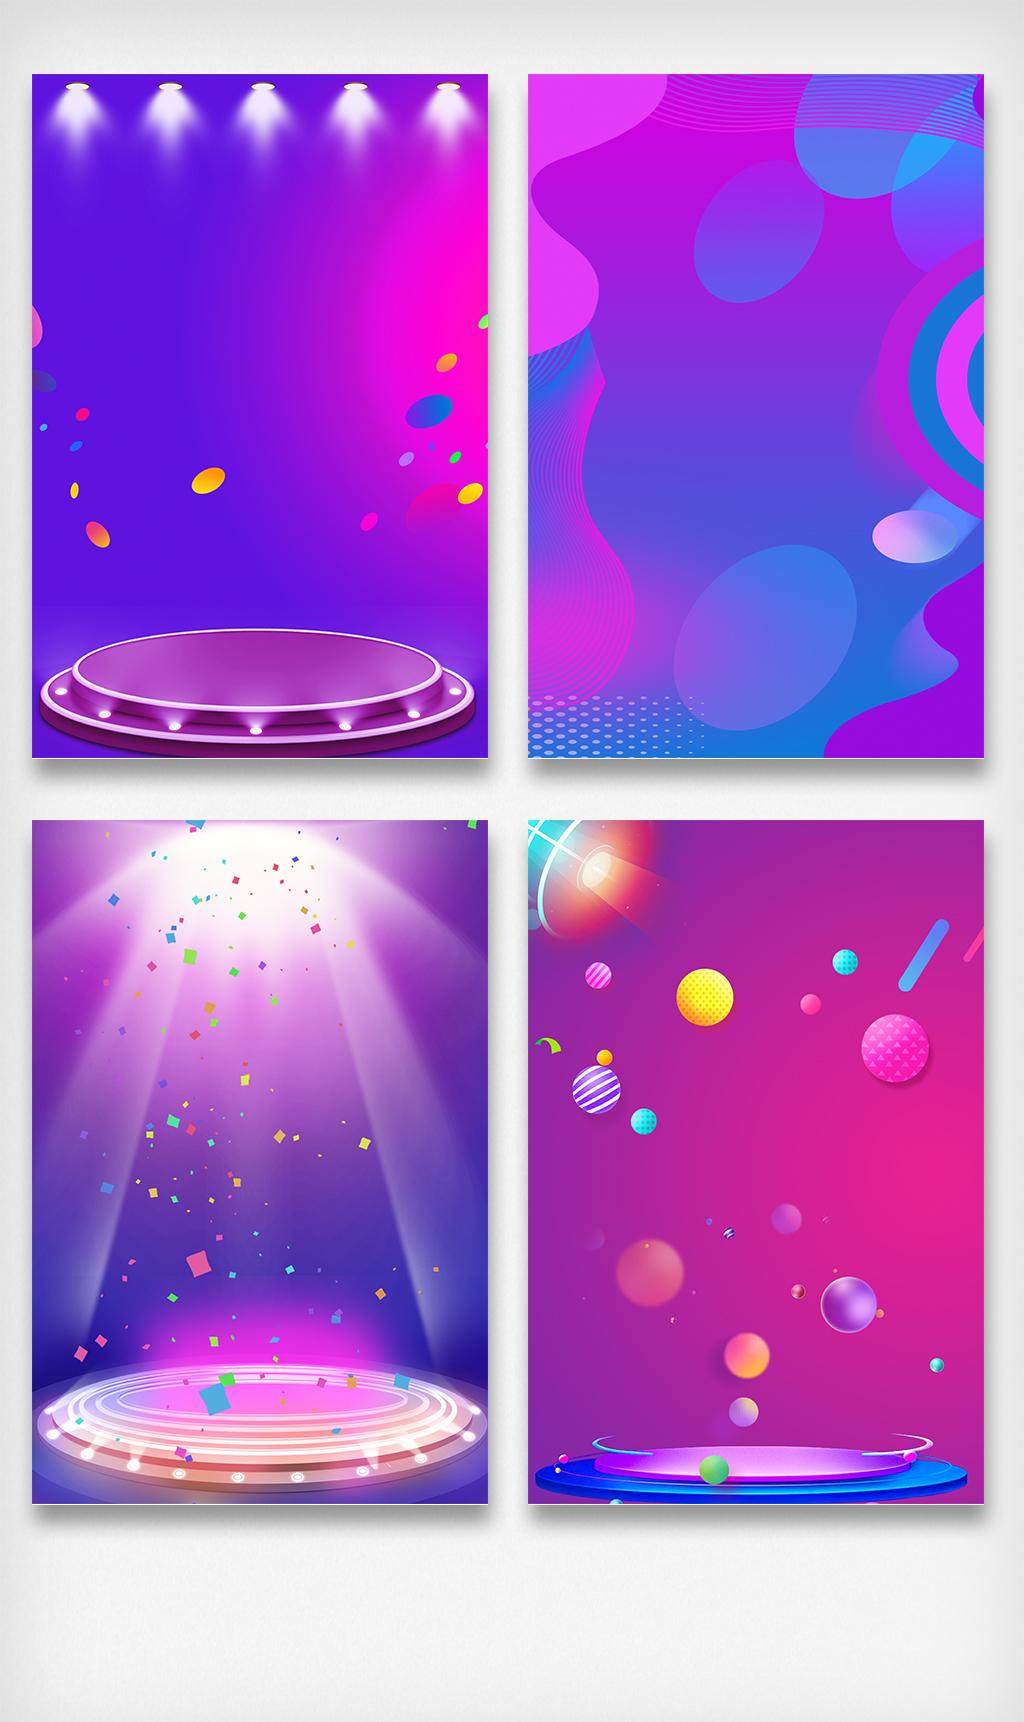 双十一双十二海报背景设计图图片素材(psd分层格式)图片